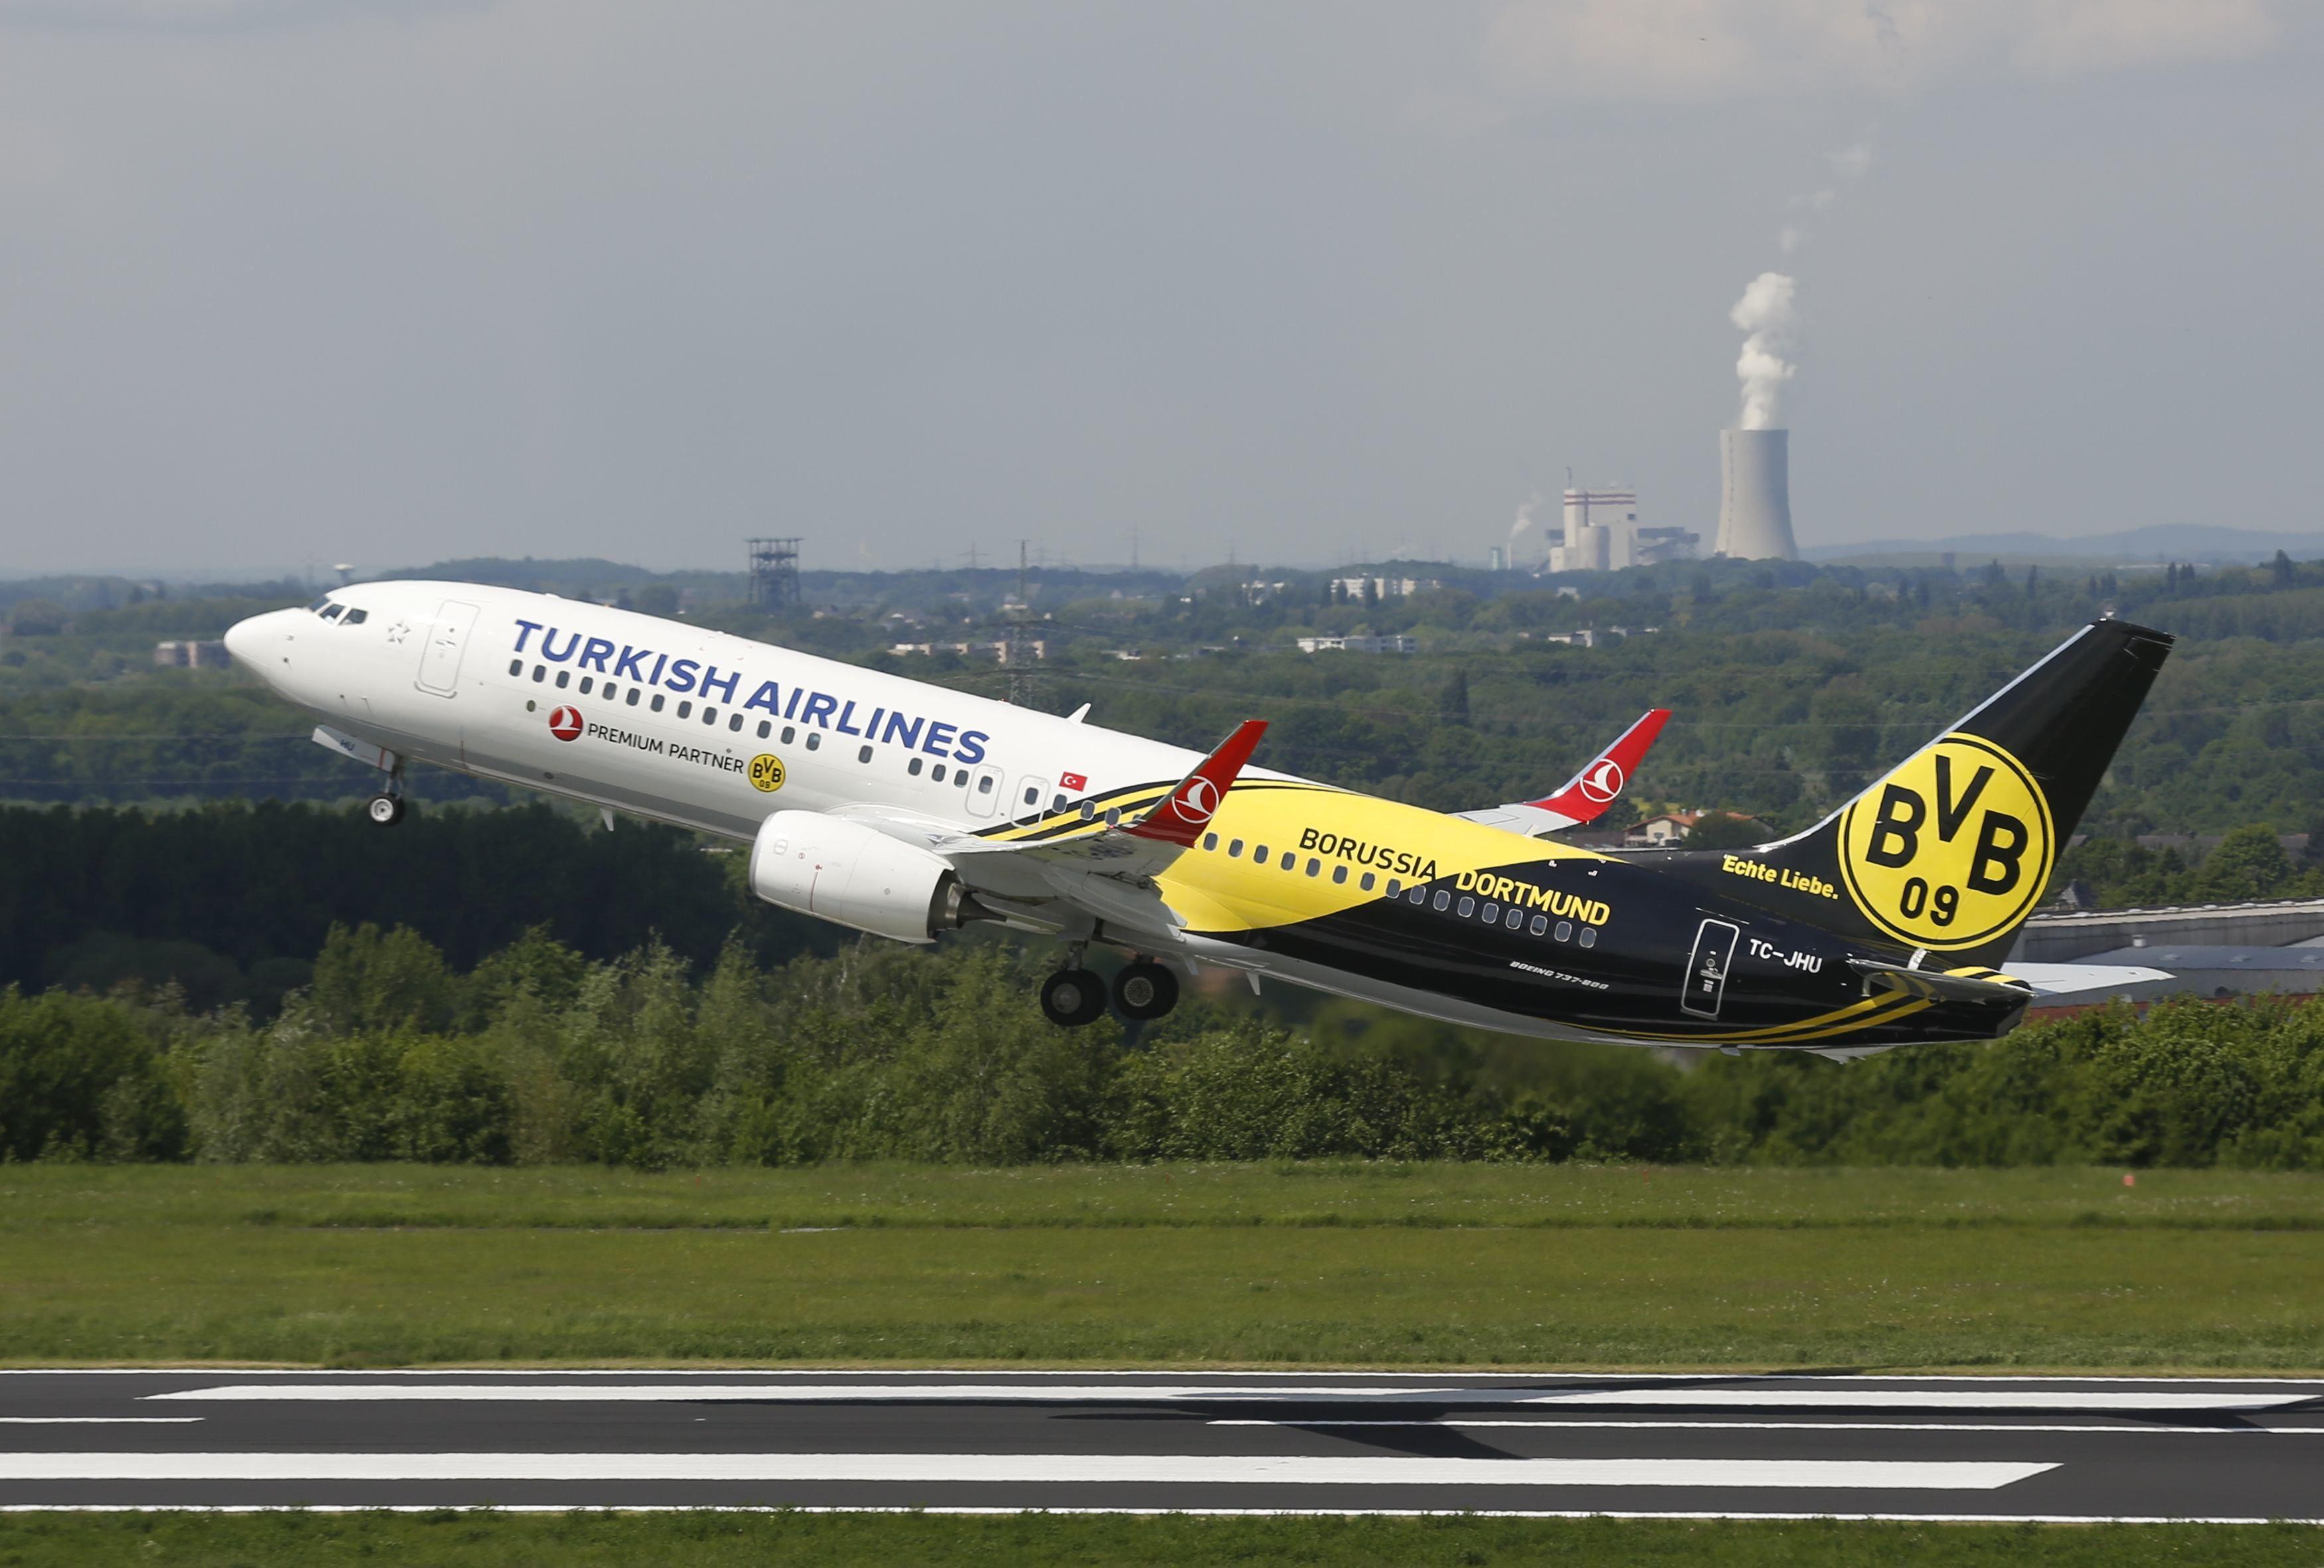 Turkish Airlines // BVB // Borussia Dortmund | SchwarzGelb